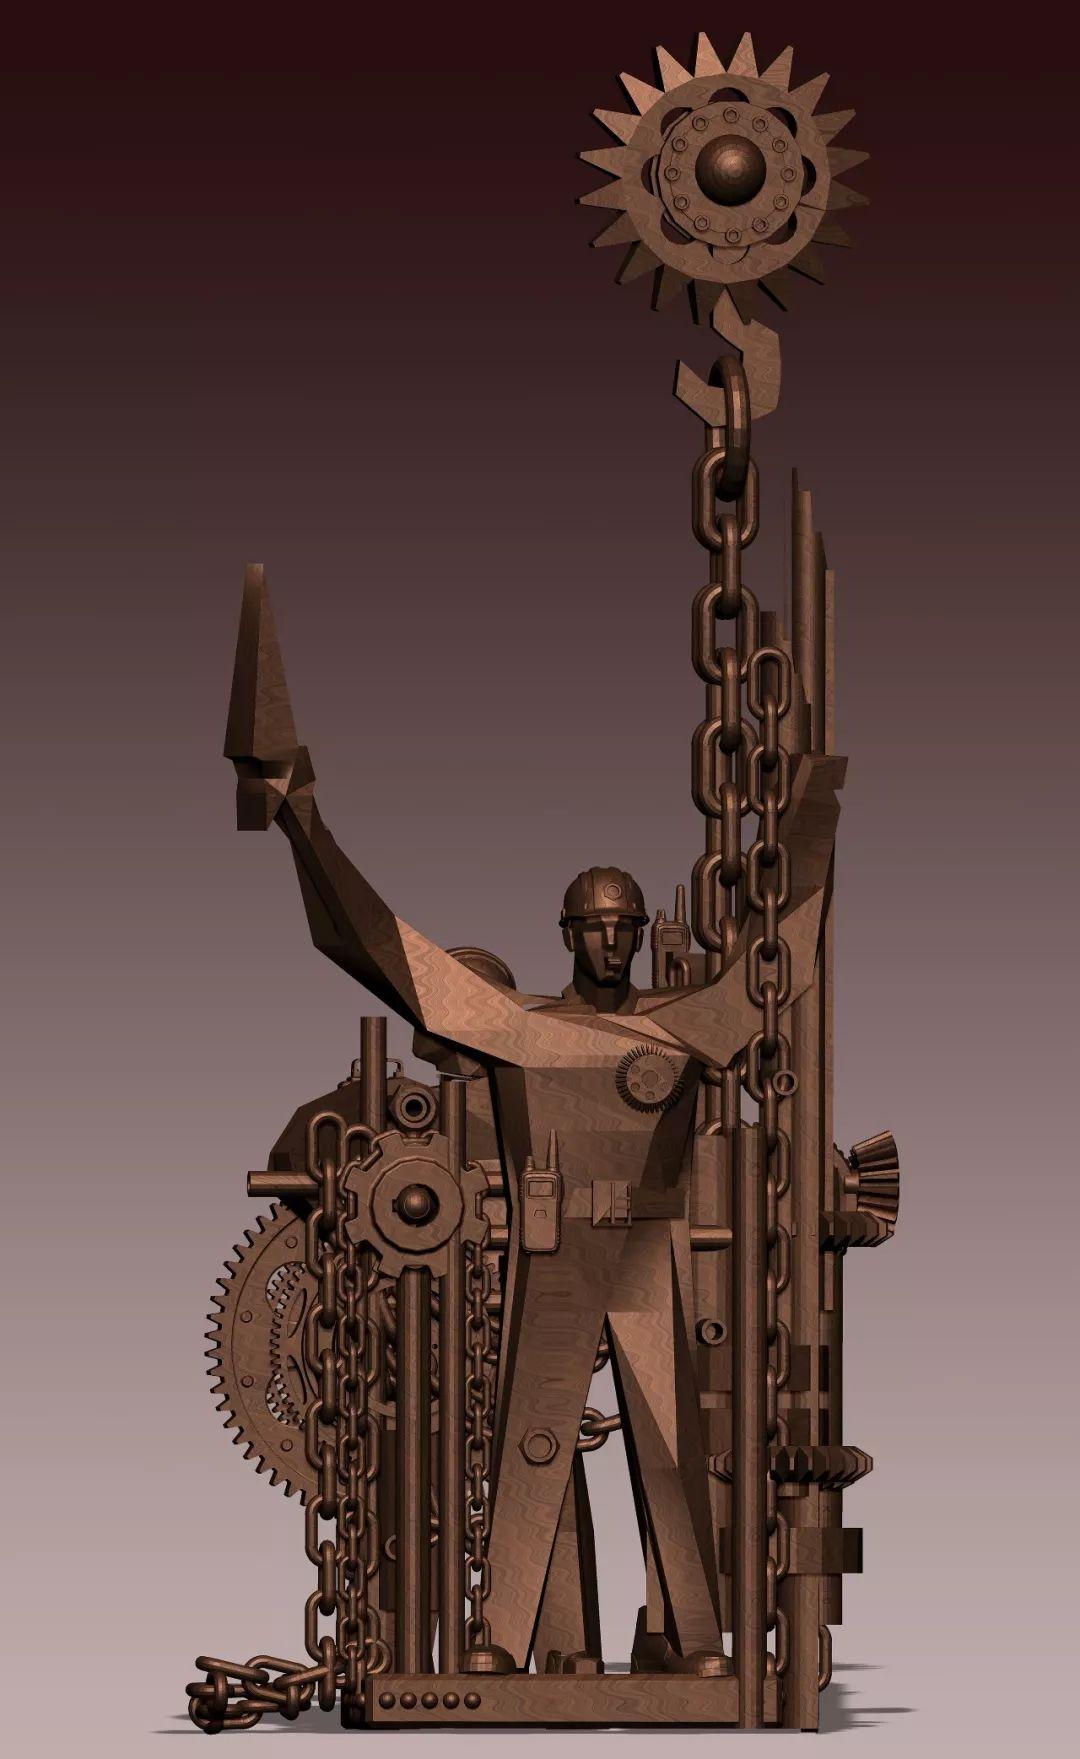 第十三届全国美展·雕塑作品展插图519